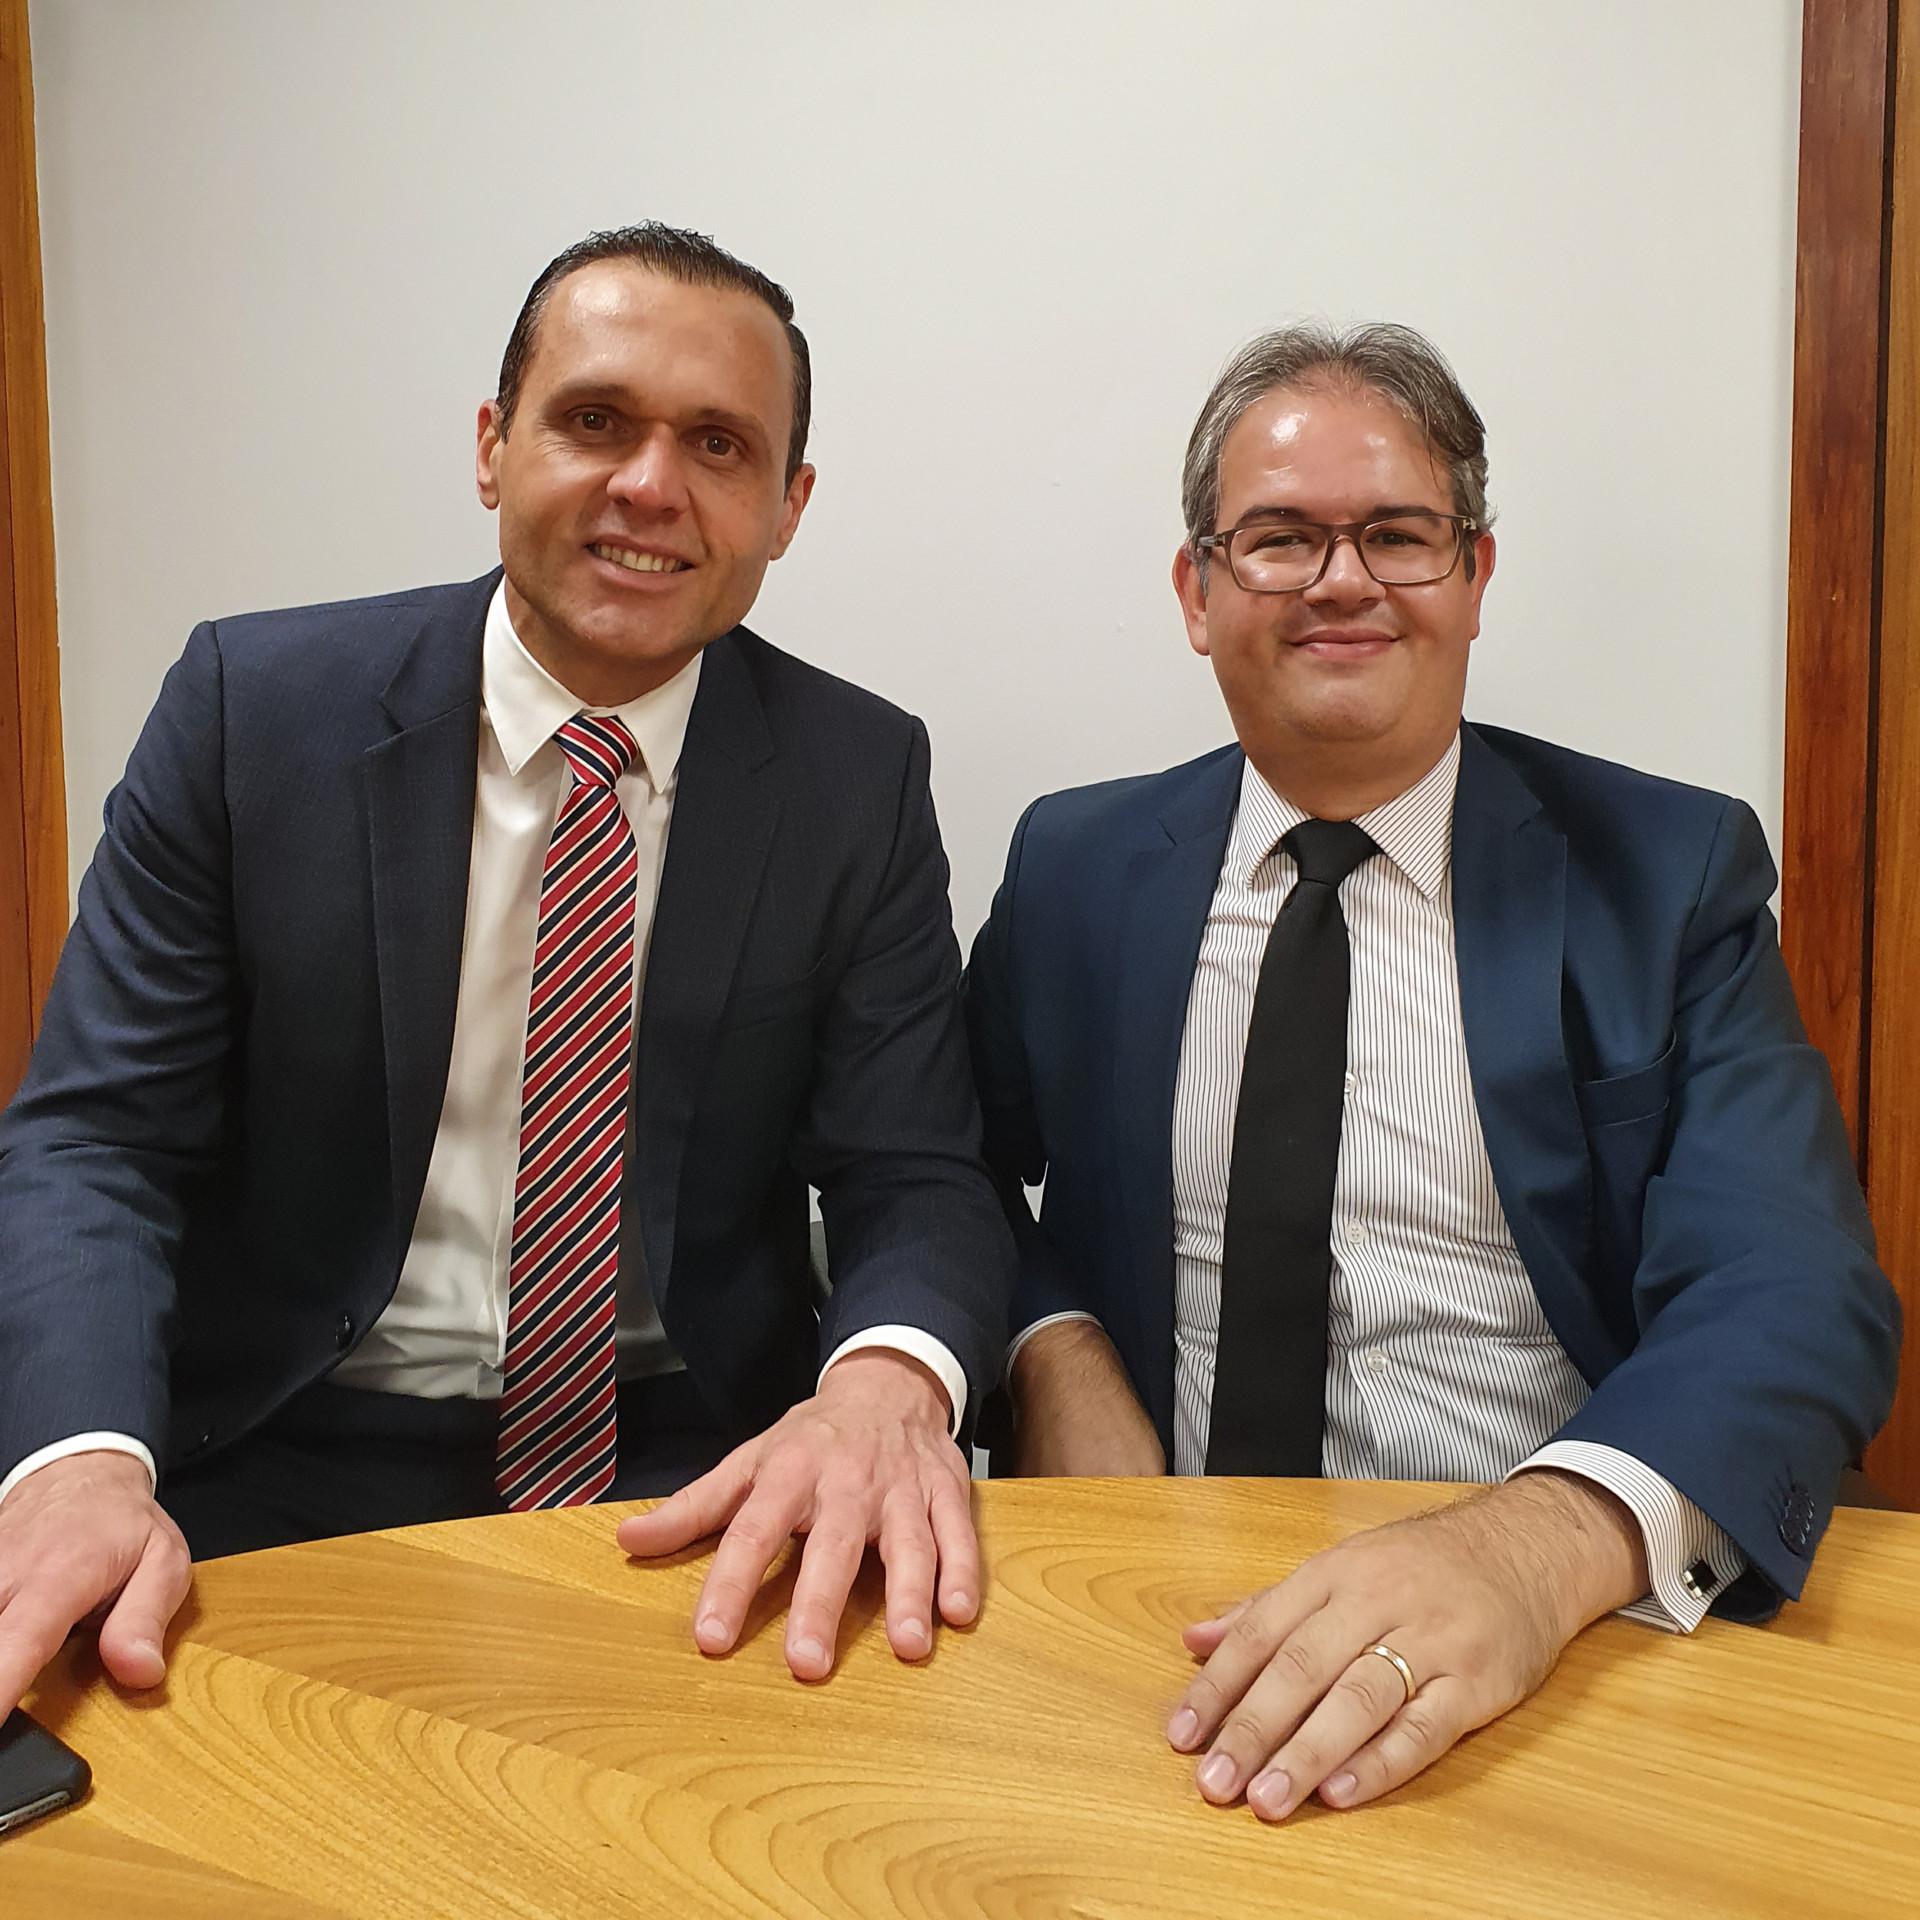 Diretor Eduardo Diogo Visita o Diretor-Geral do STF Eduardo Toledo